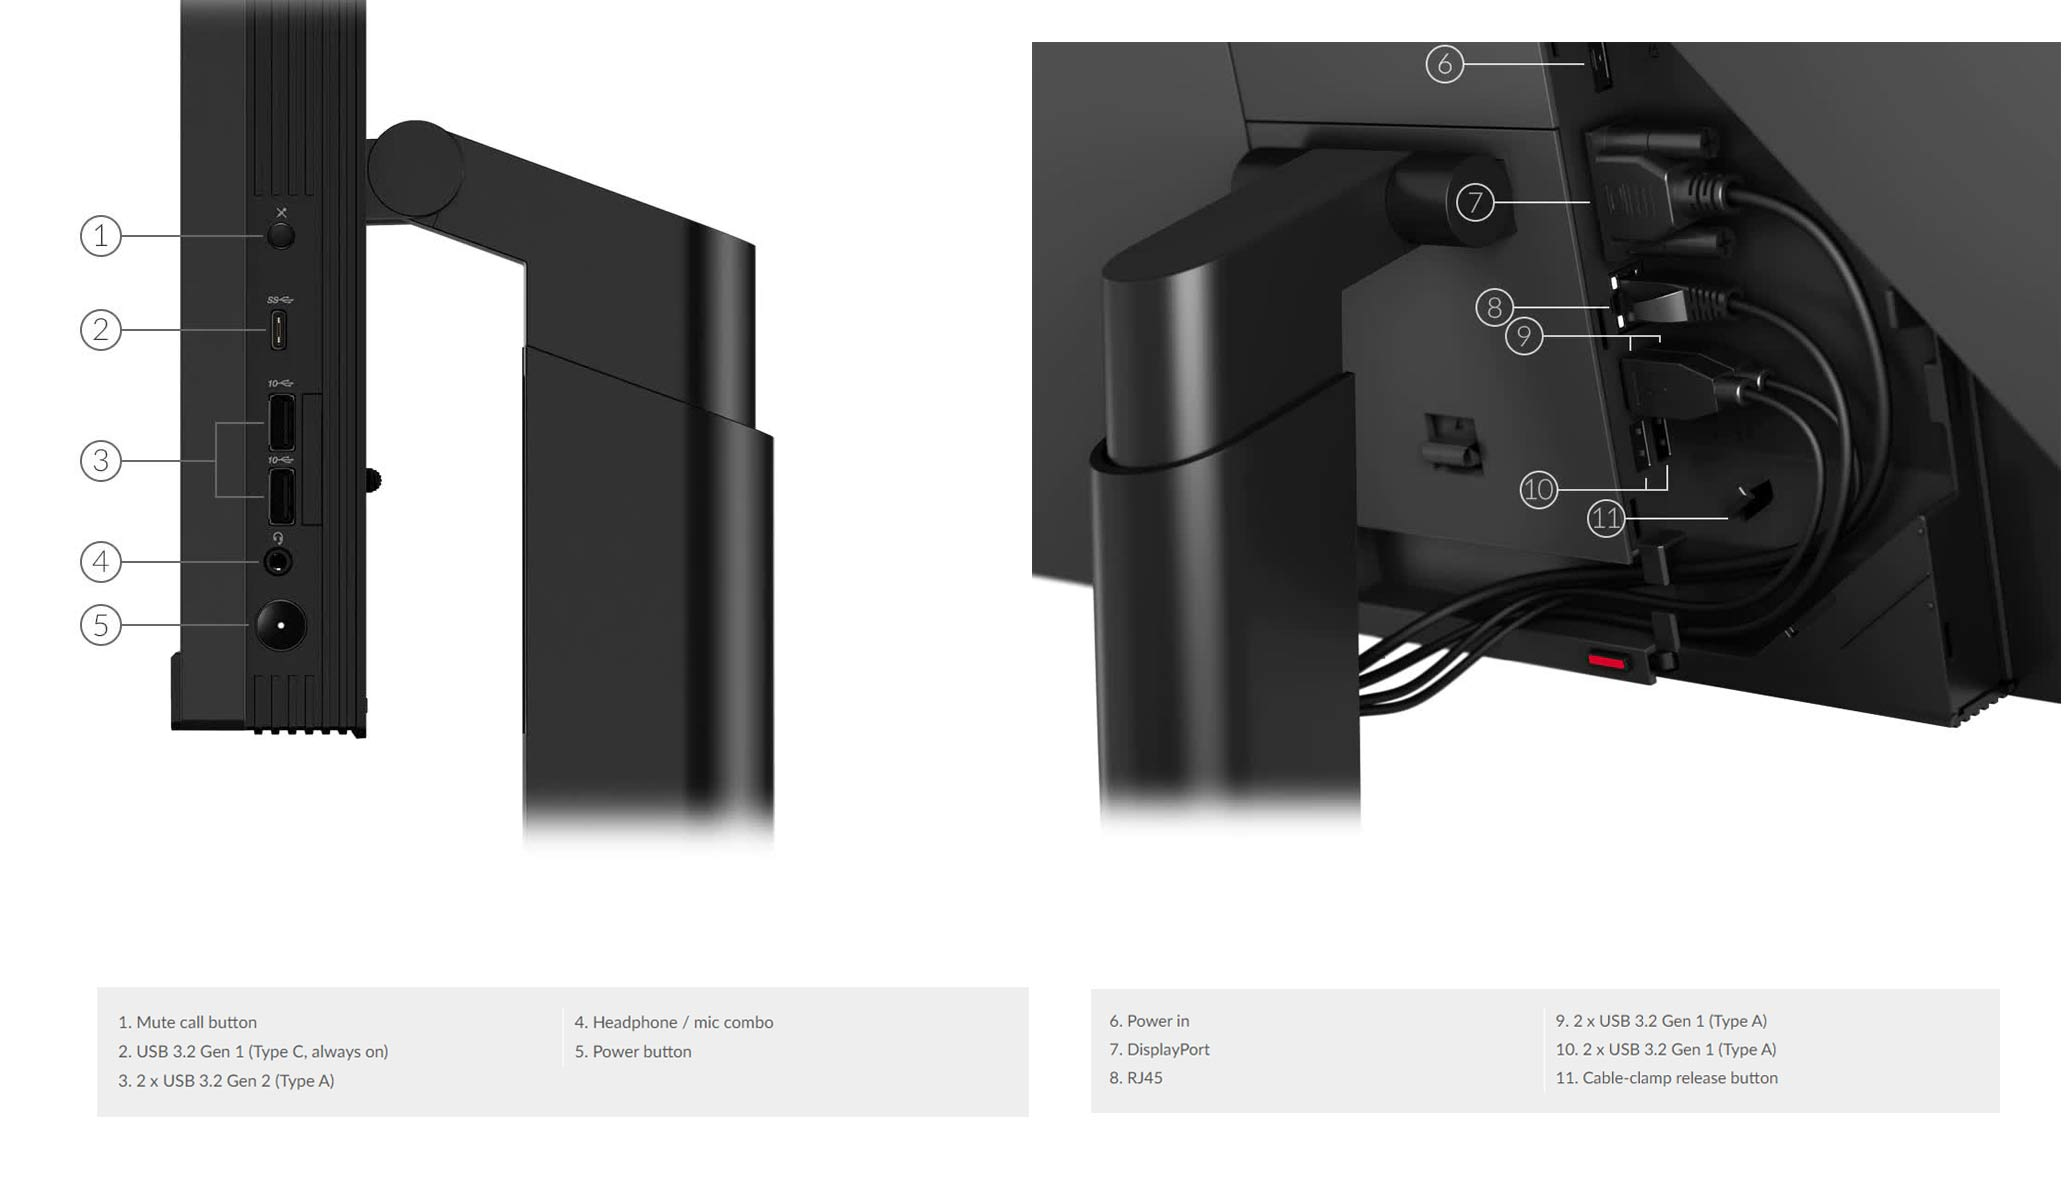 آل این وان لنوو مدل Thinkcentre M90a پردازنده i9